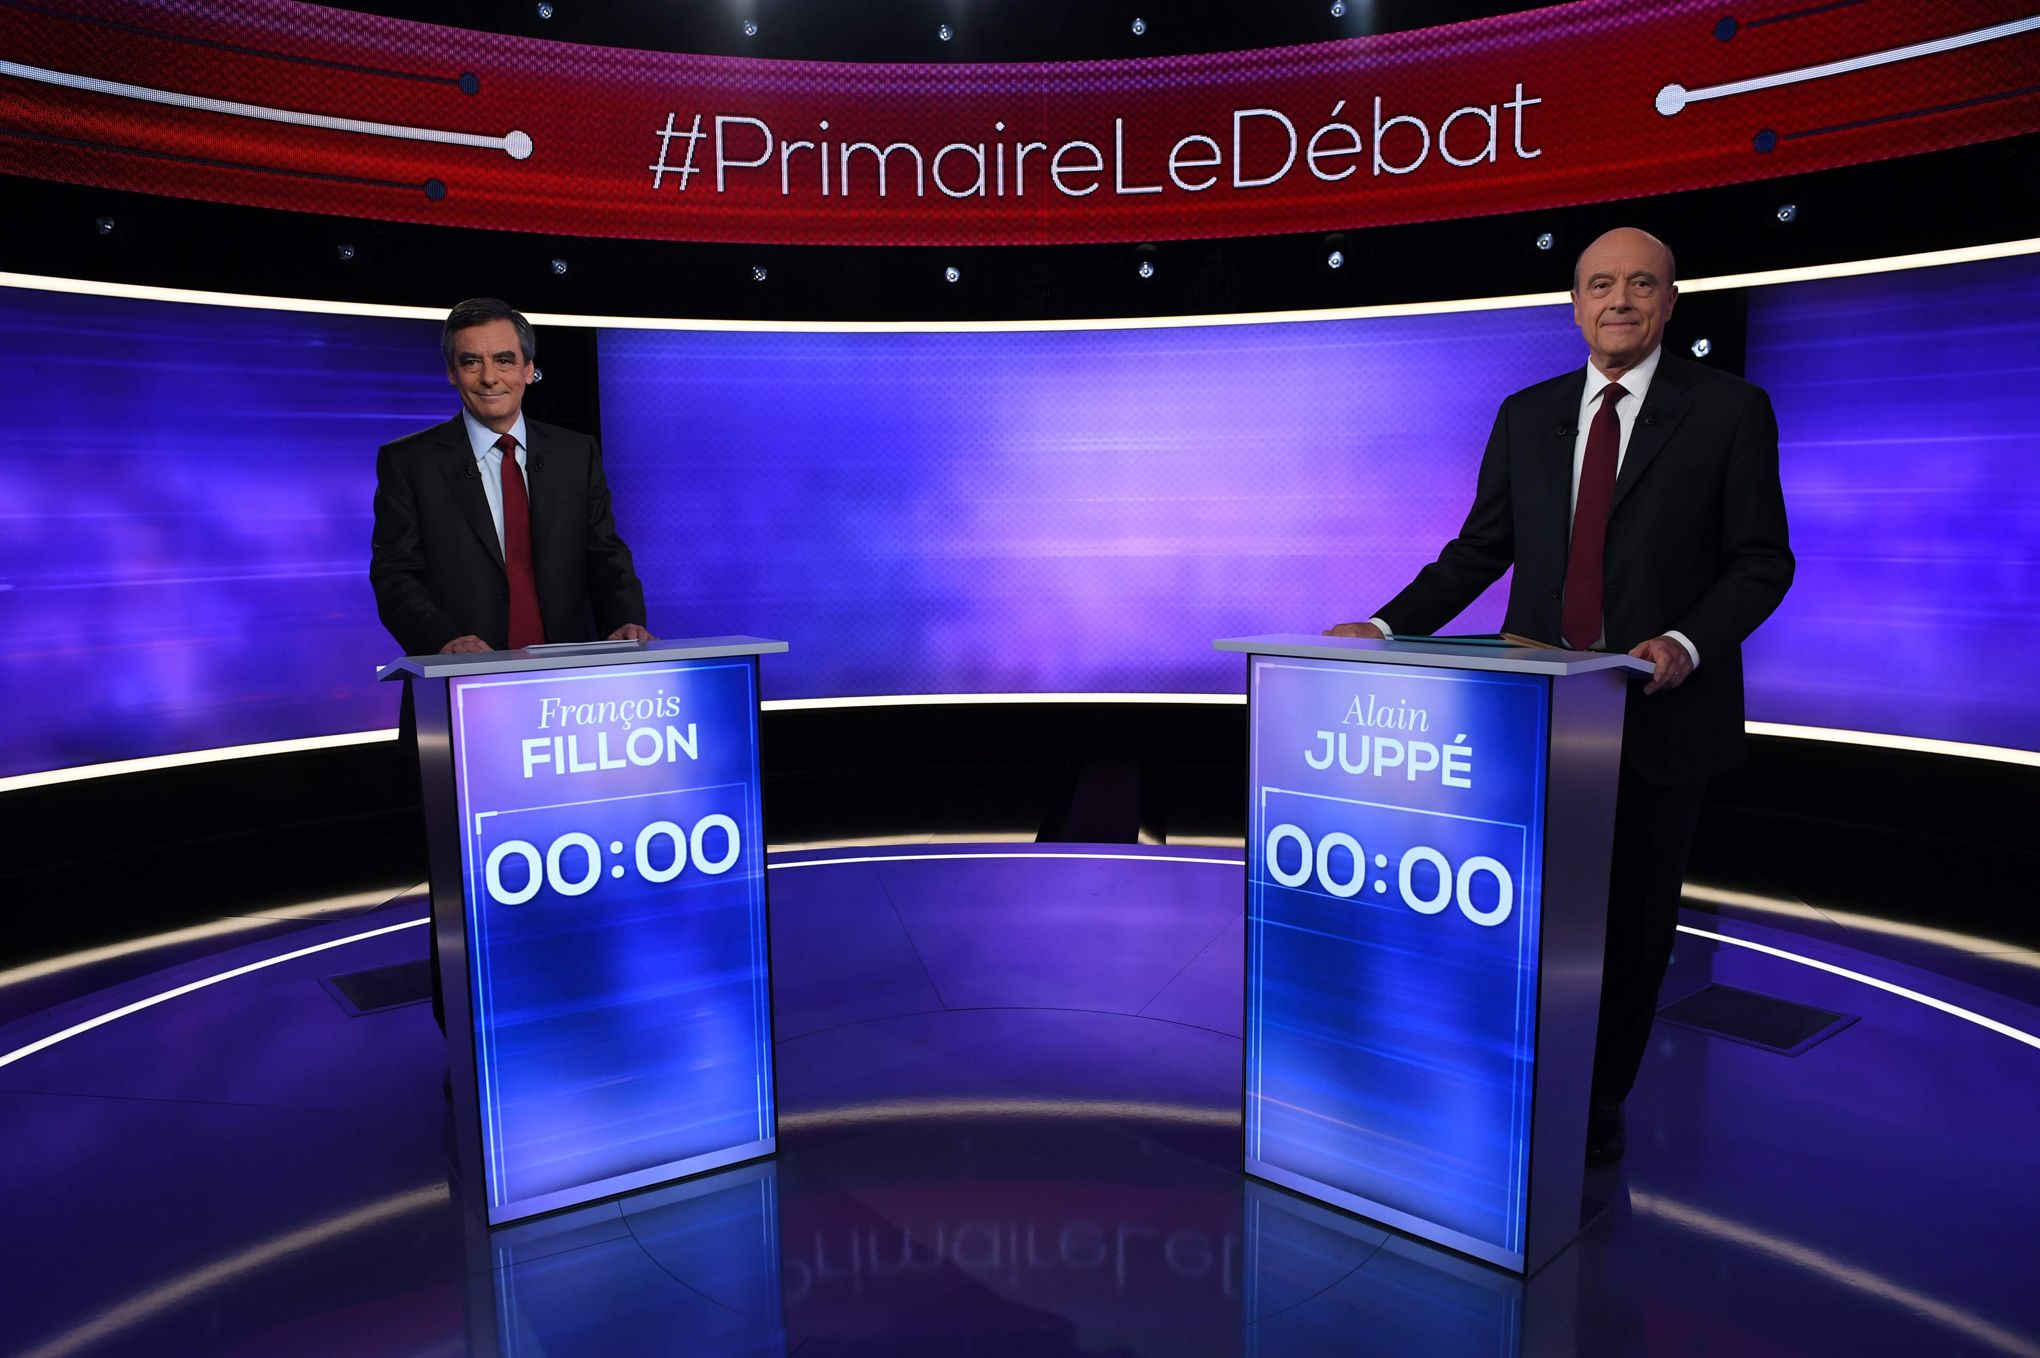 débat alain juppé françois fillon